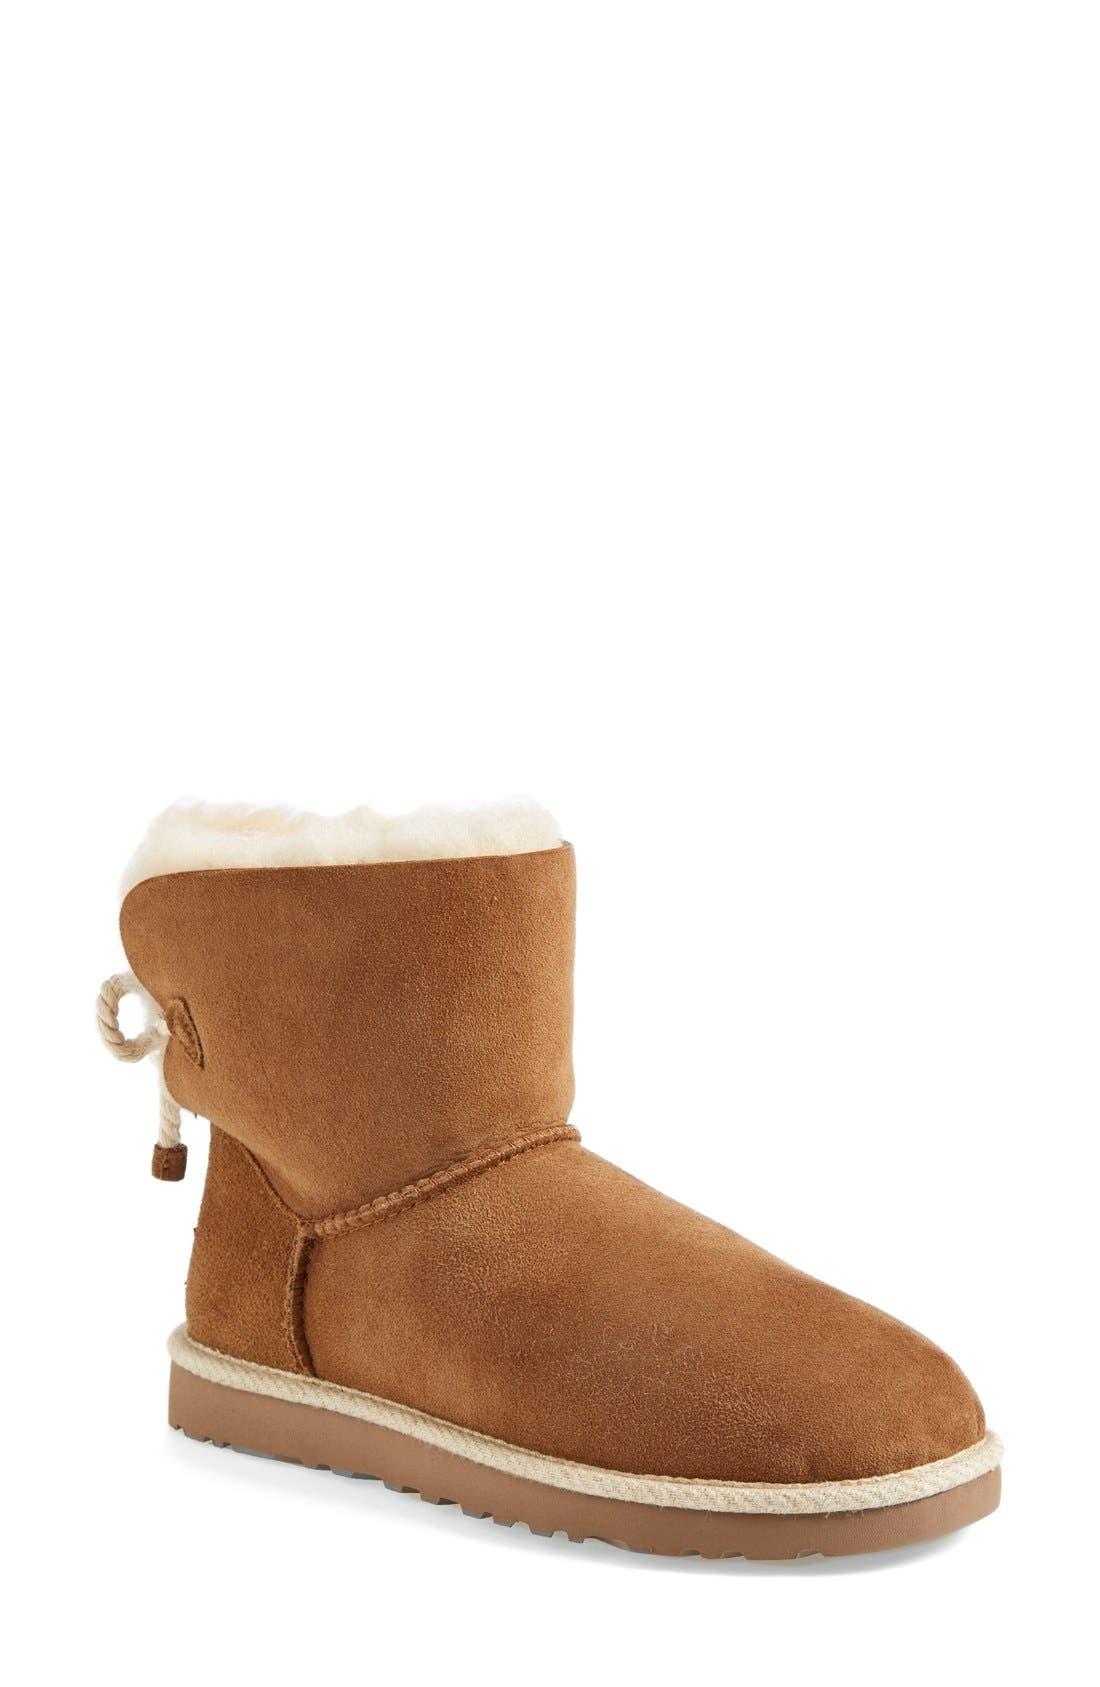 Alternate Image 1 Selected - UGG® Australia 'Selene' Boot (Women)